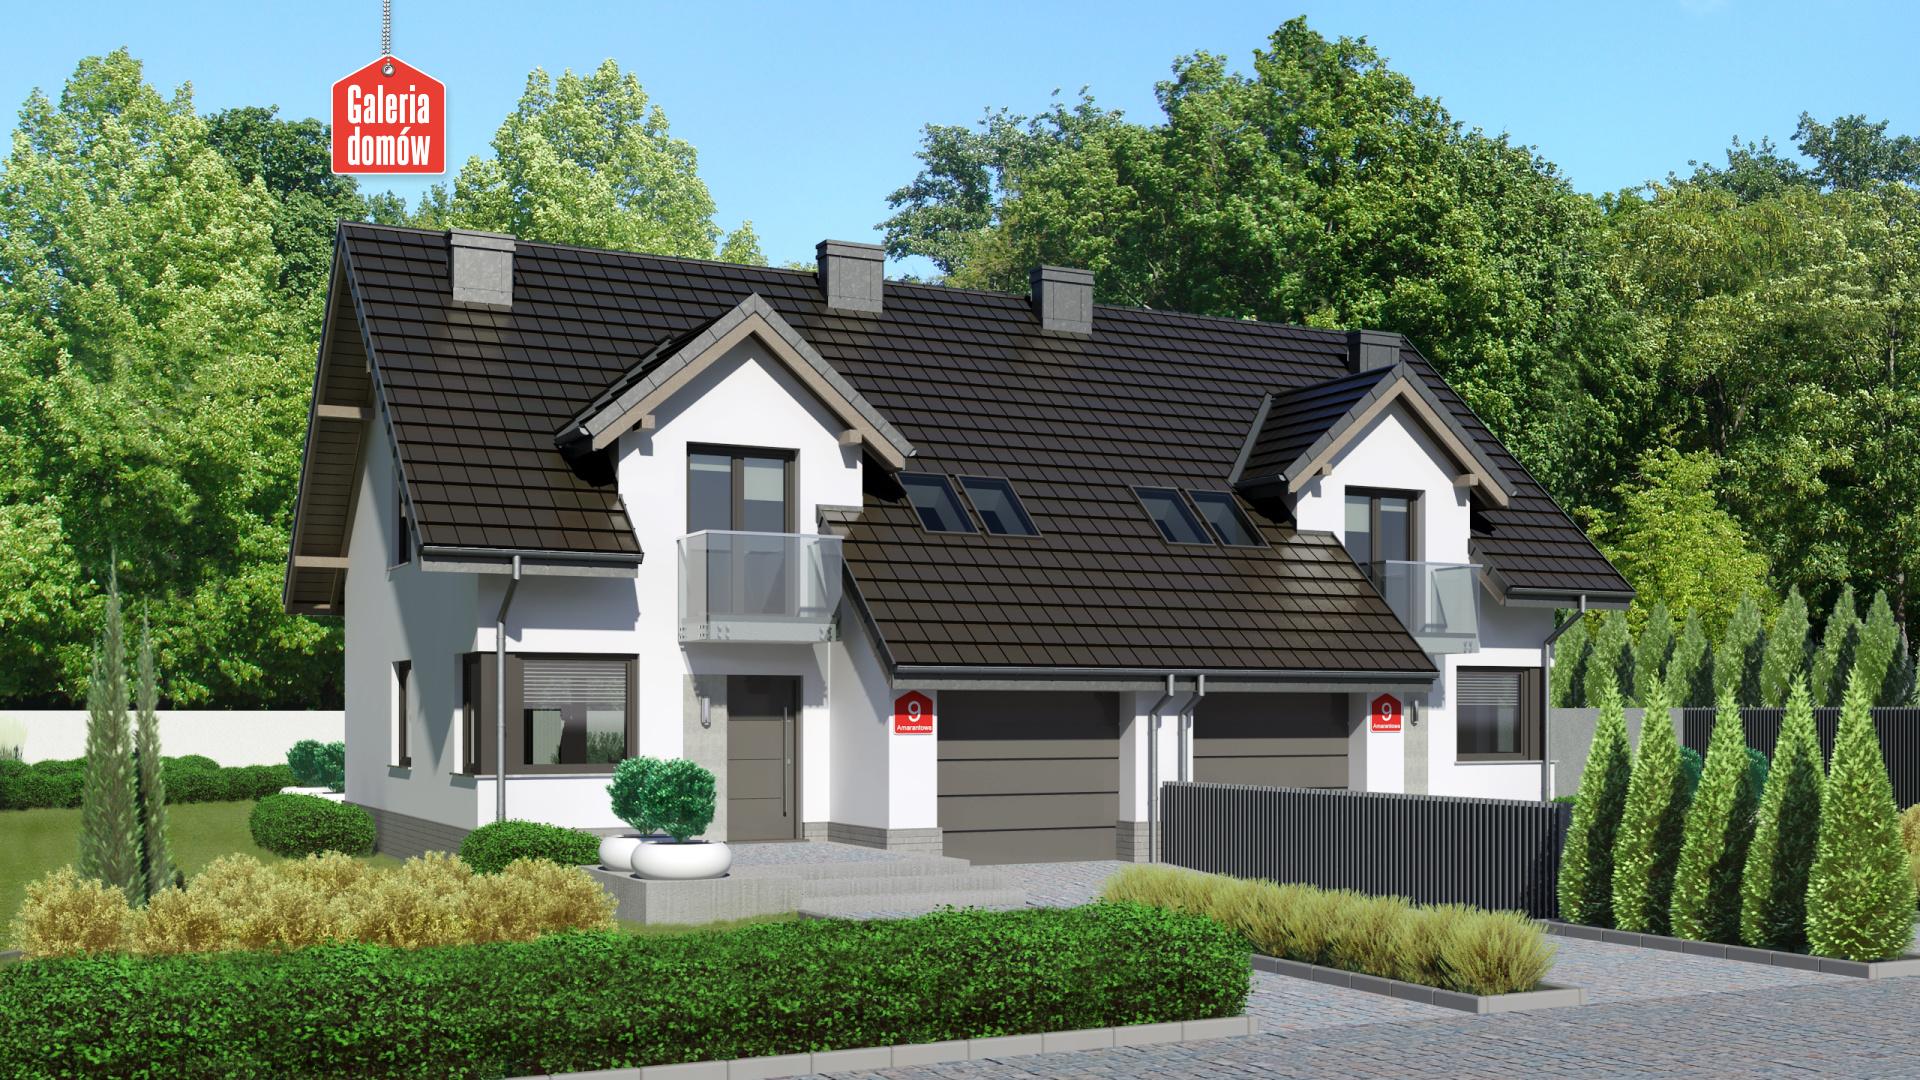 Dom Przy Amarantowej 9 Dwulokalowy Gotowy Projekt Domu